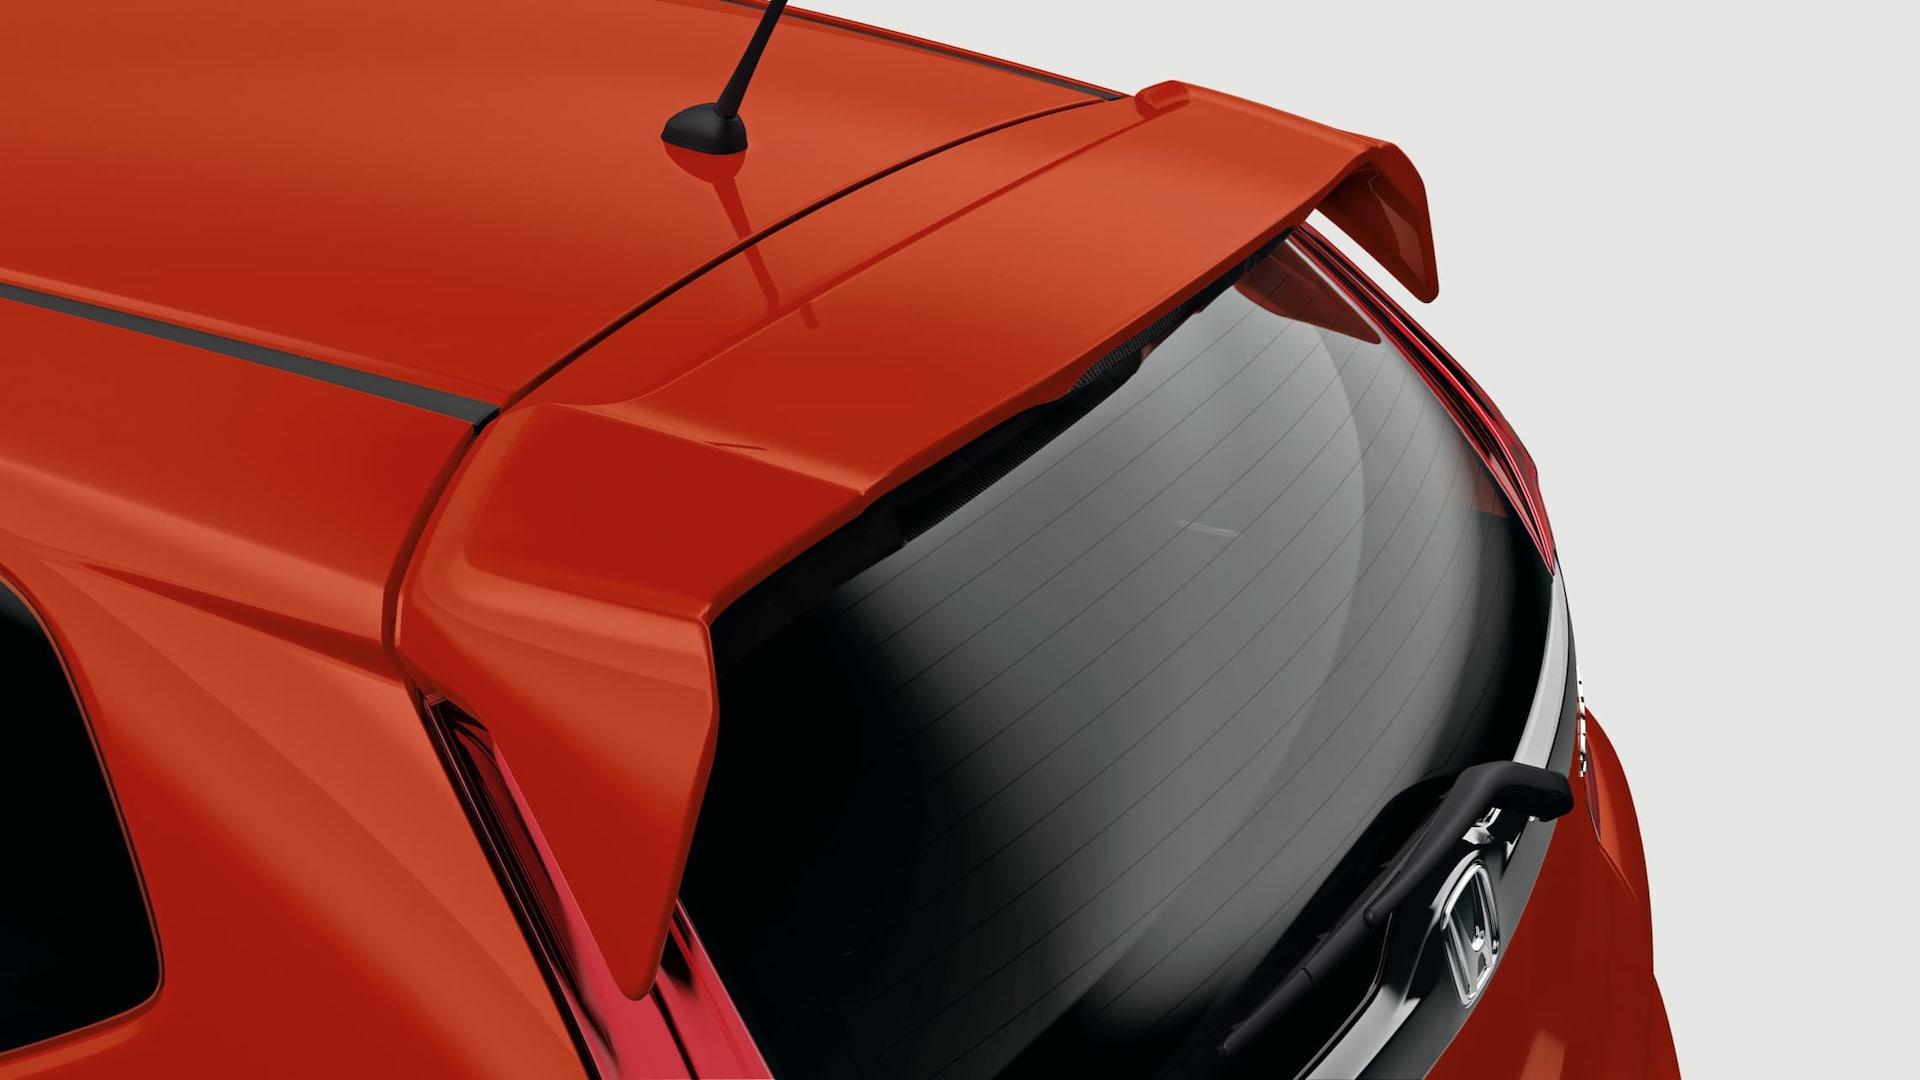 Detalle del alerón en la puerta trasera en el Honda Fit 2019 en Milano Red.